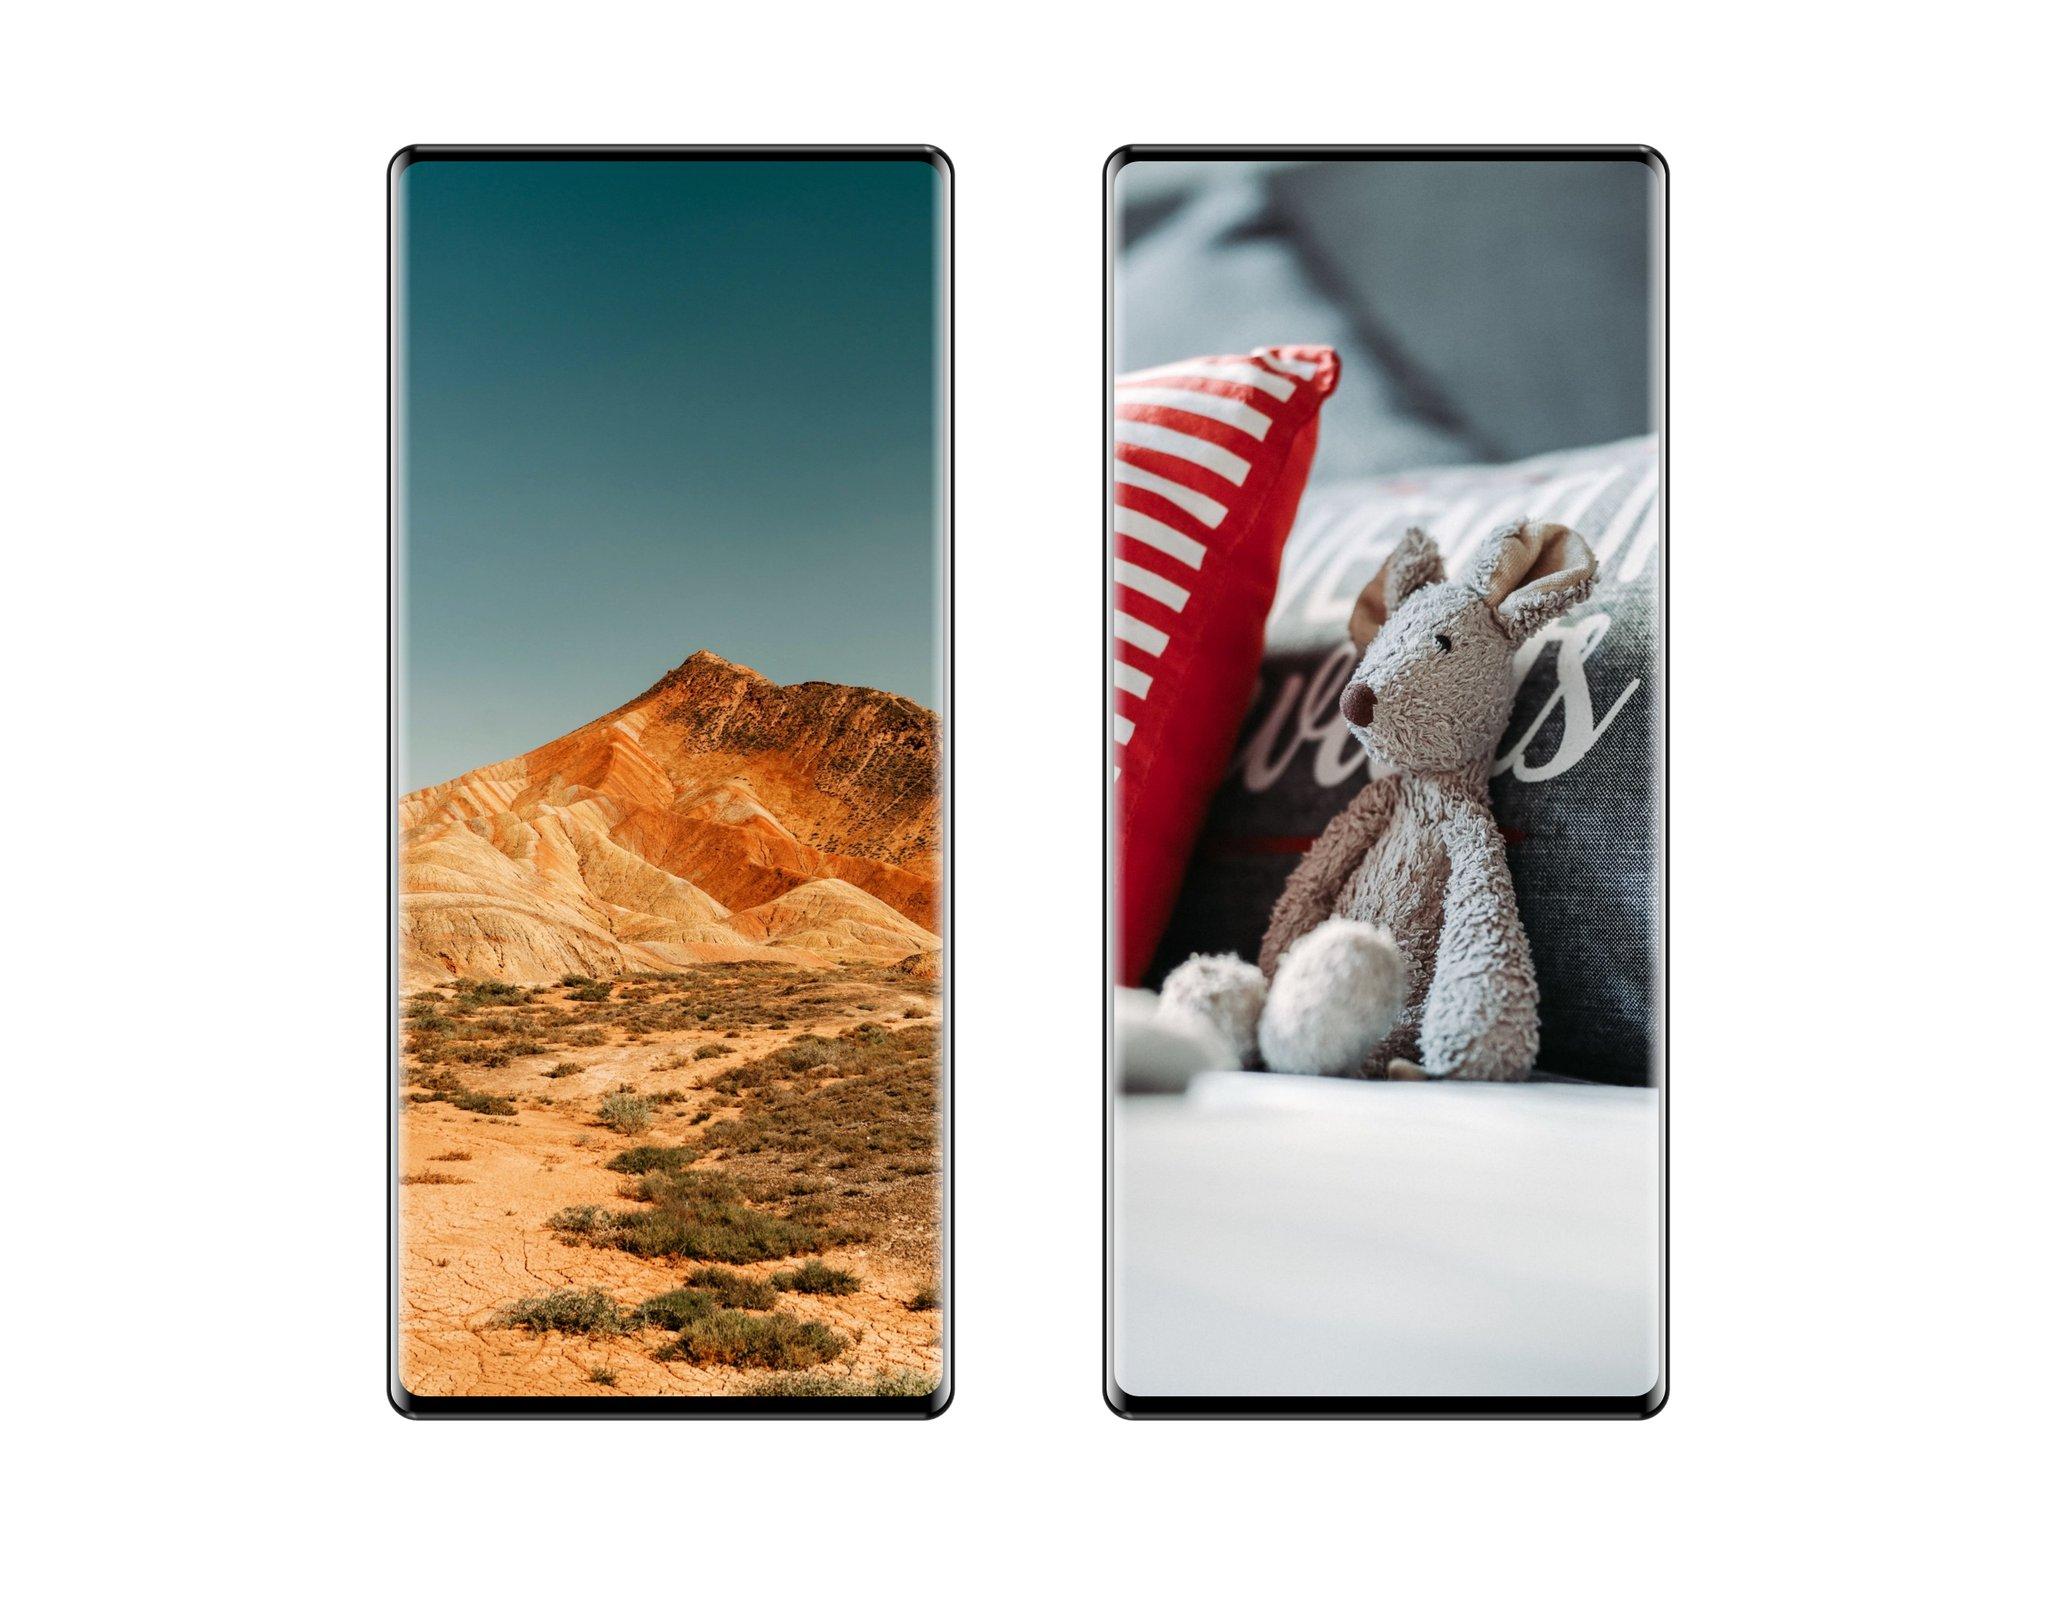 MIUI 13 задерживается: флагман Xiaomi Mi Mix 4 выйдет на рынок с предустановленной MIUI 12.5